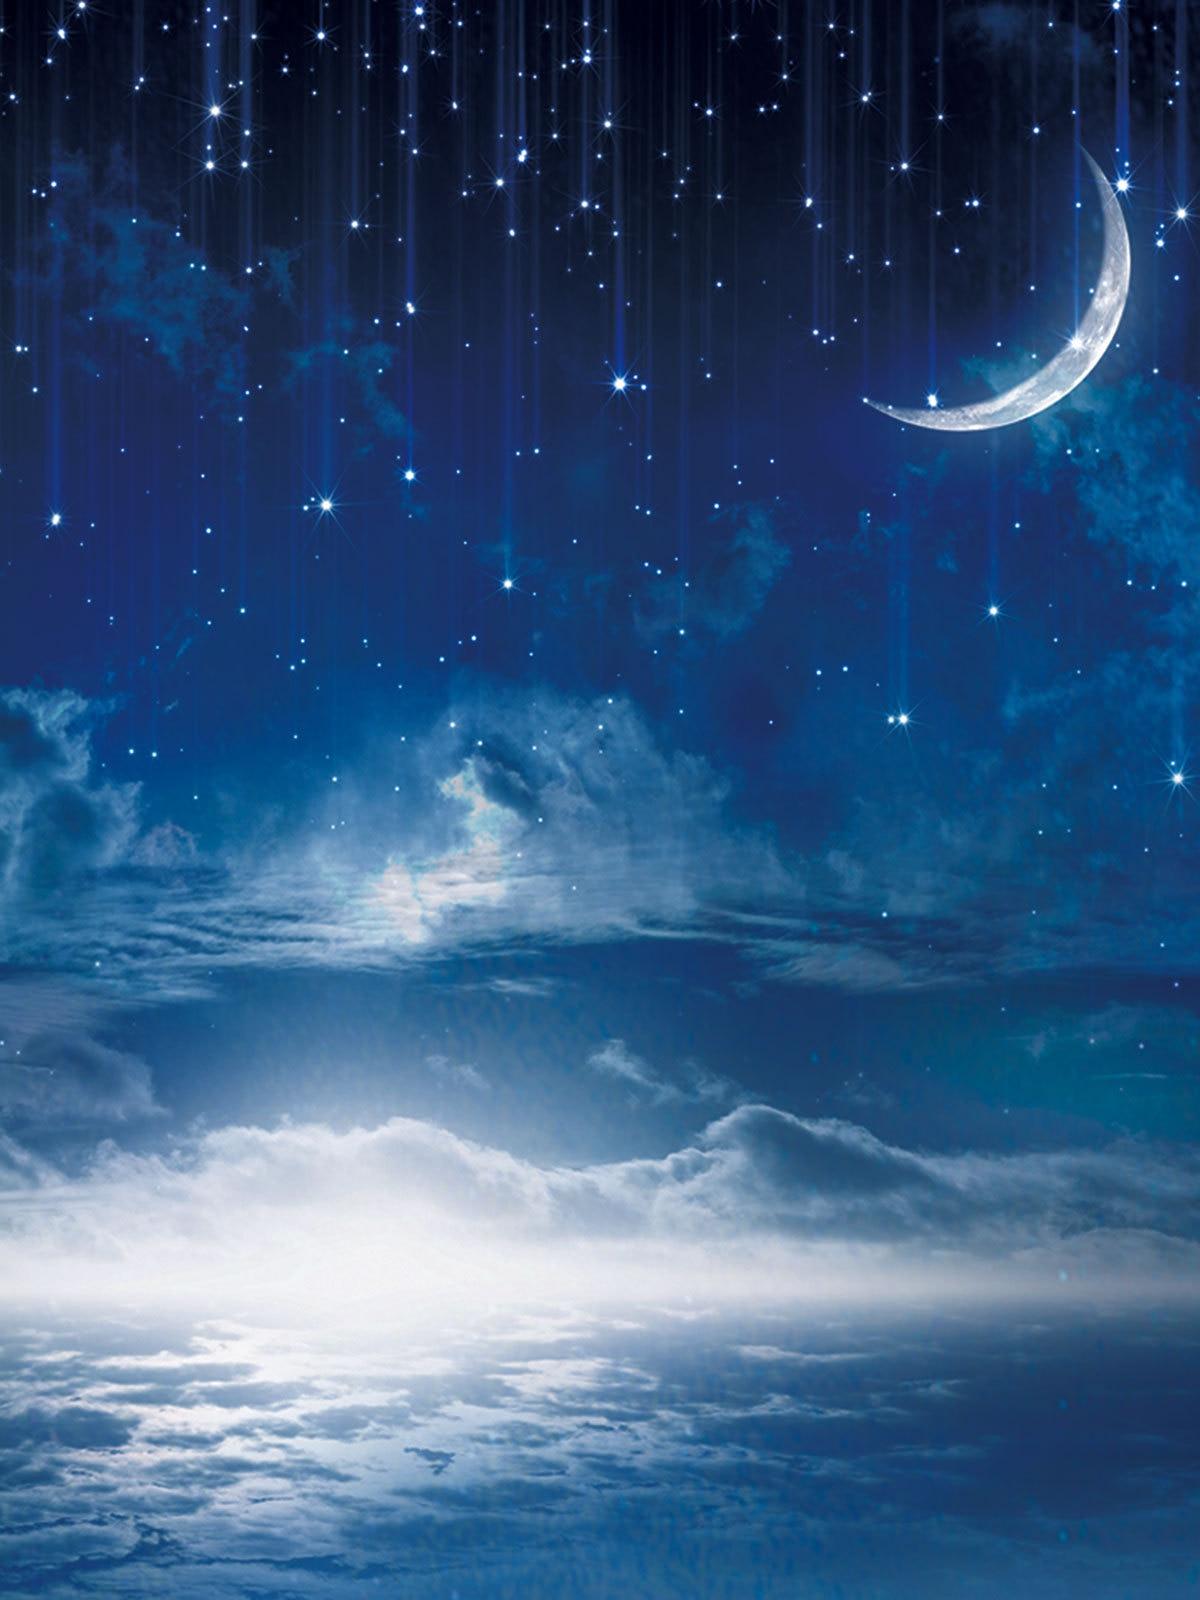 фотография, наверное, ночь фон картинки хайнкес